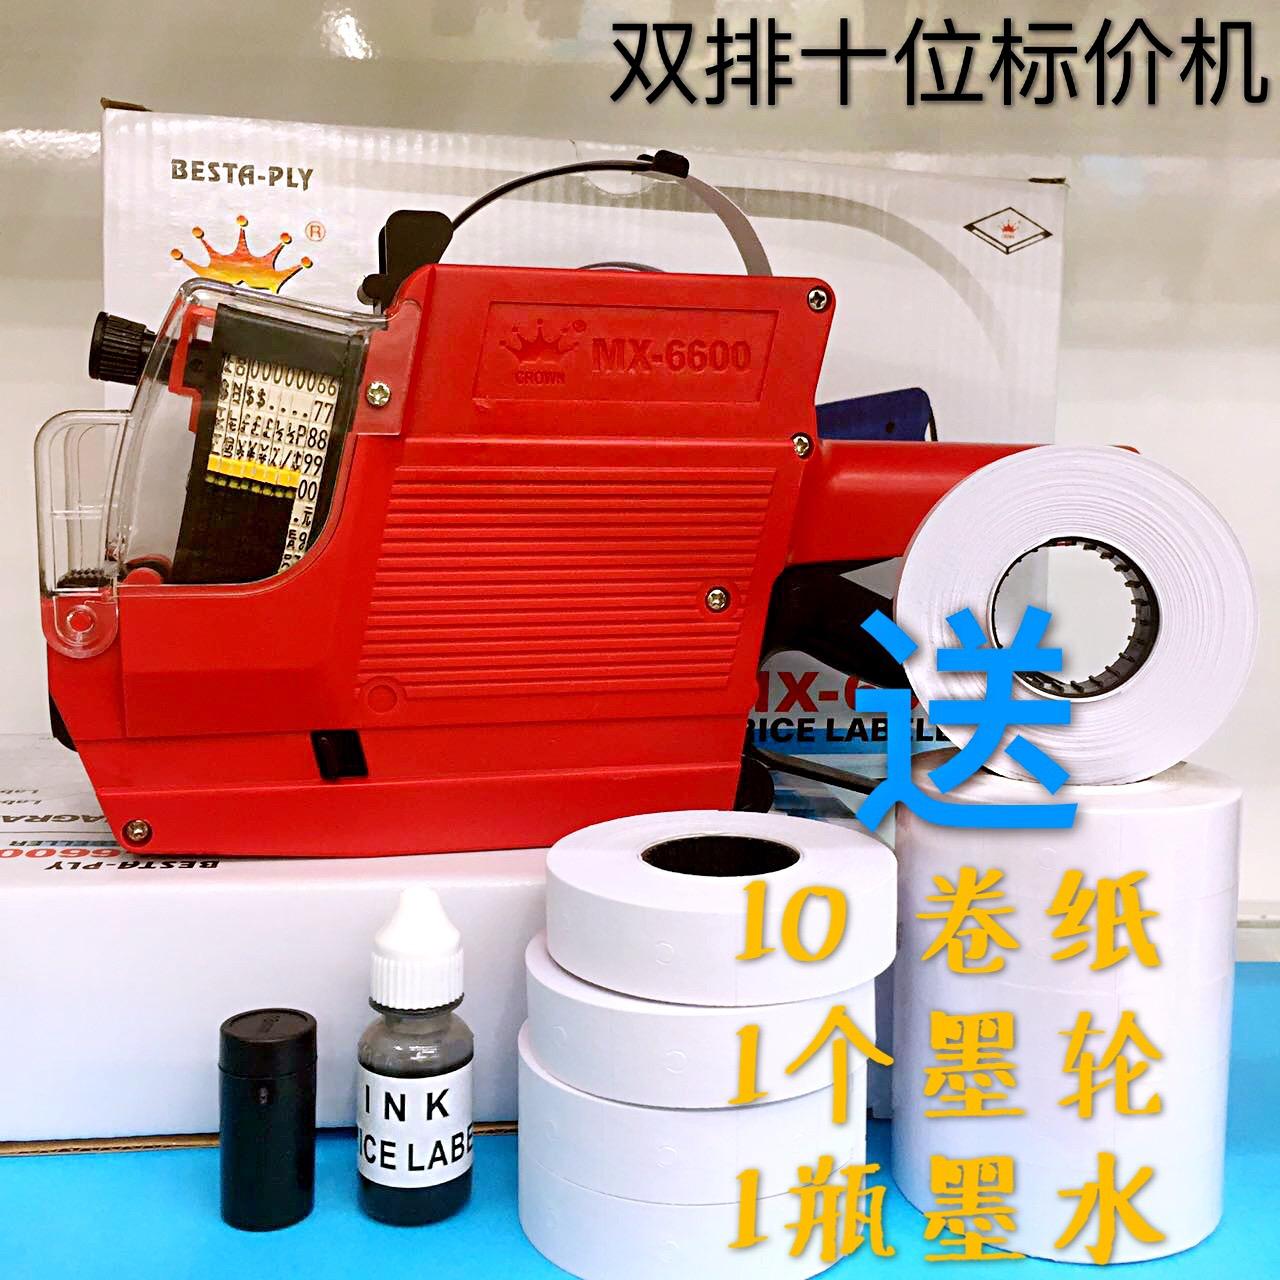 十位MX-6600打码器超市打印价格标签打码双排不干胶打价器标价机